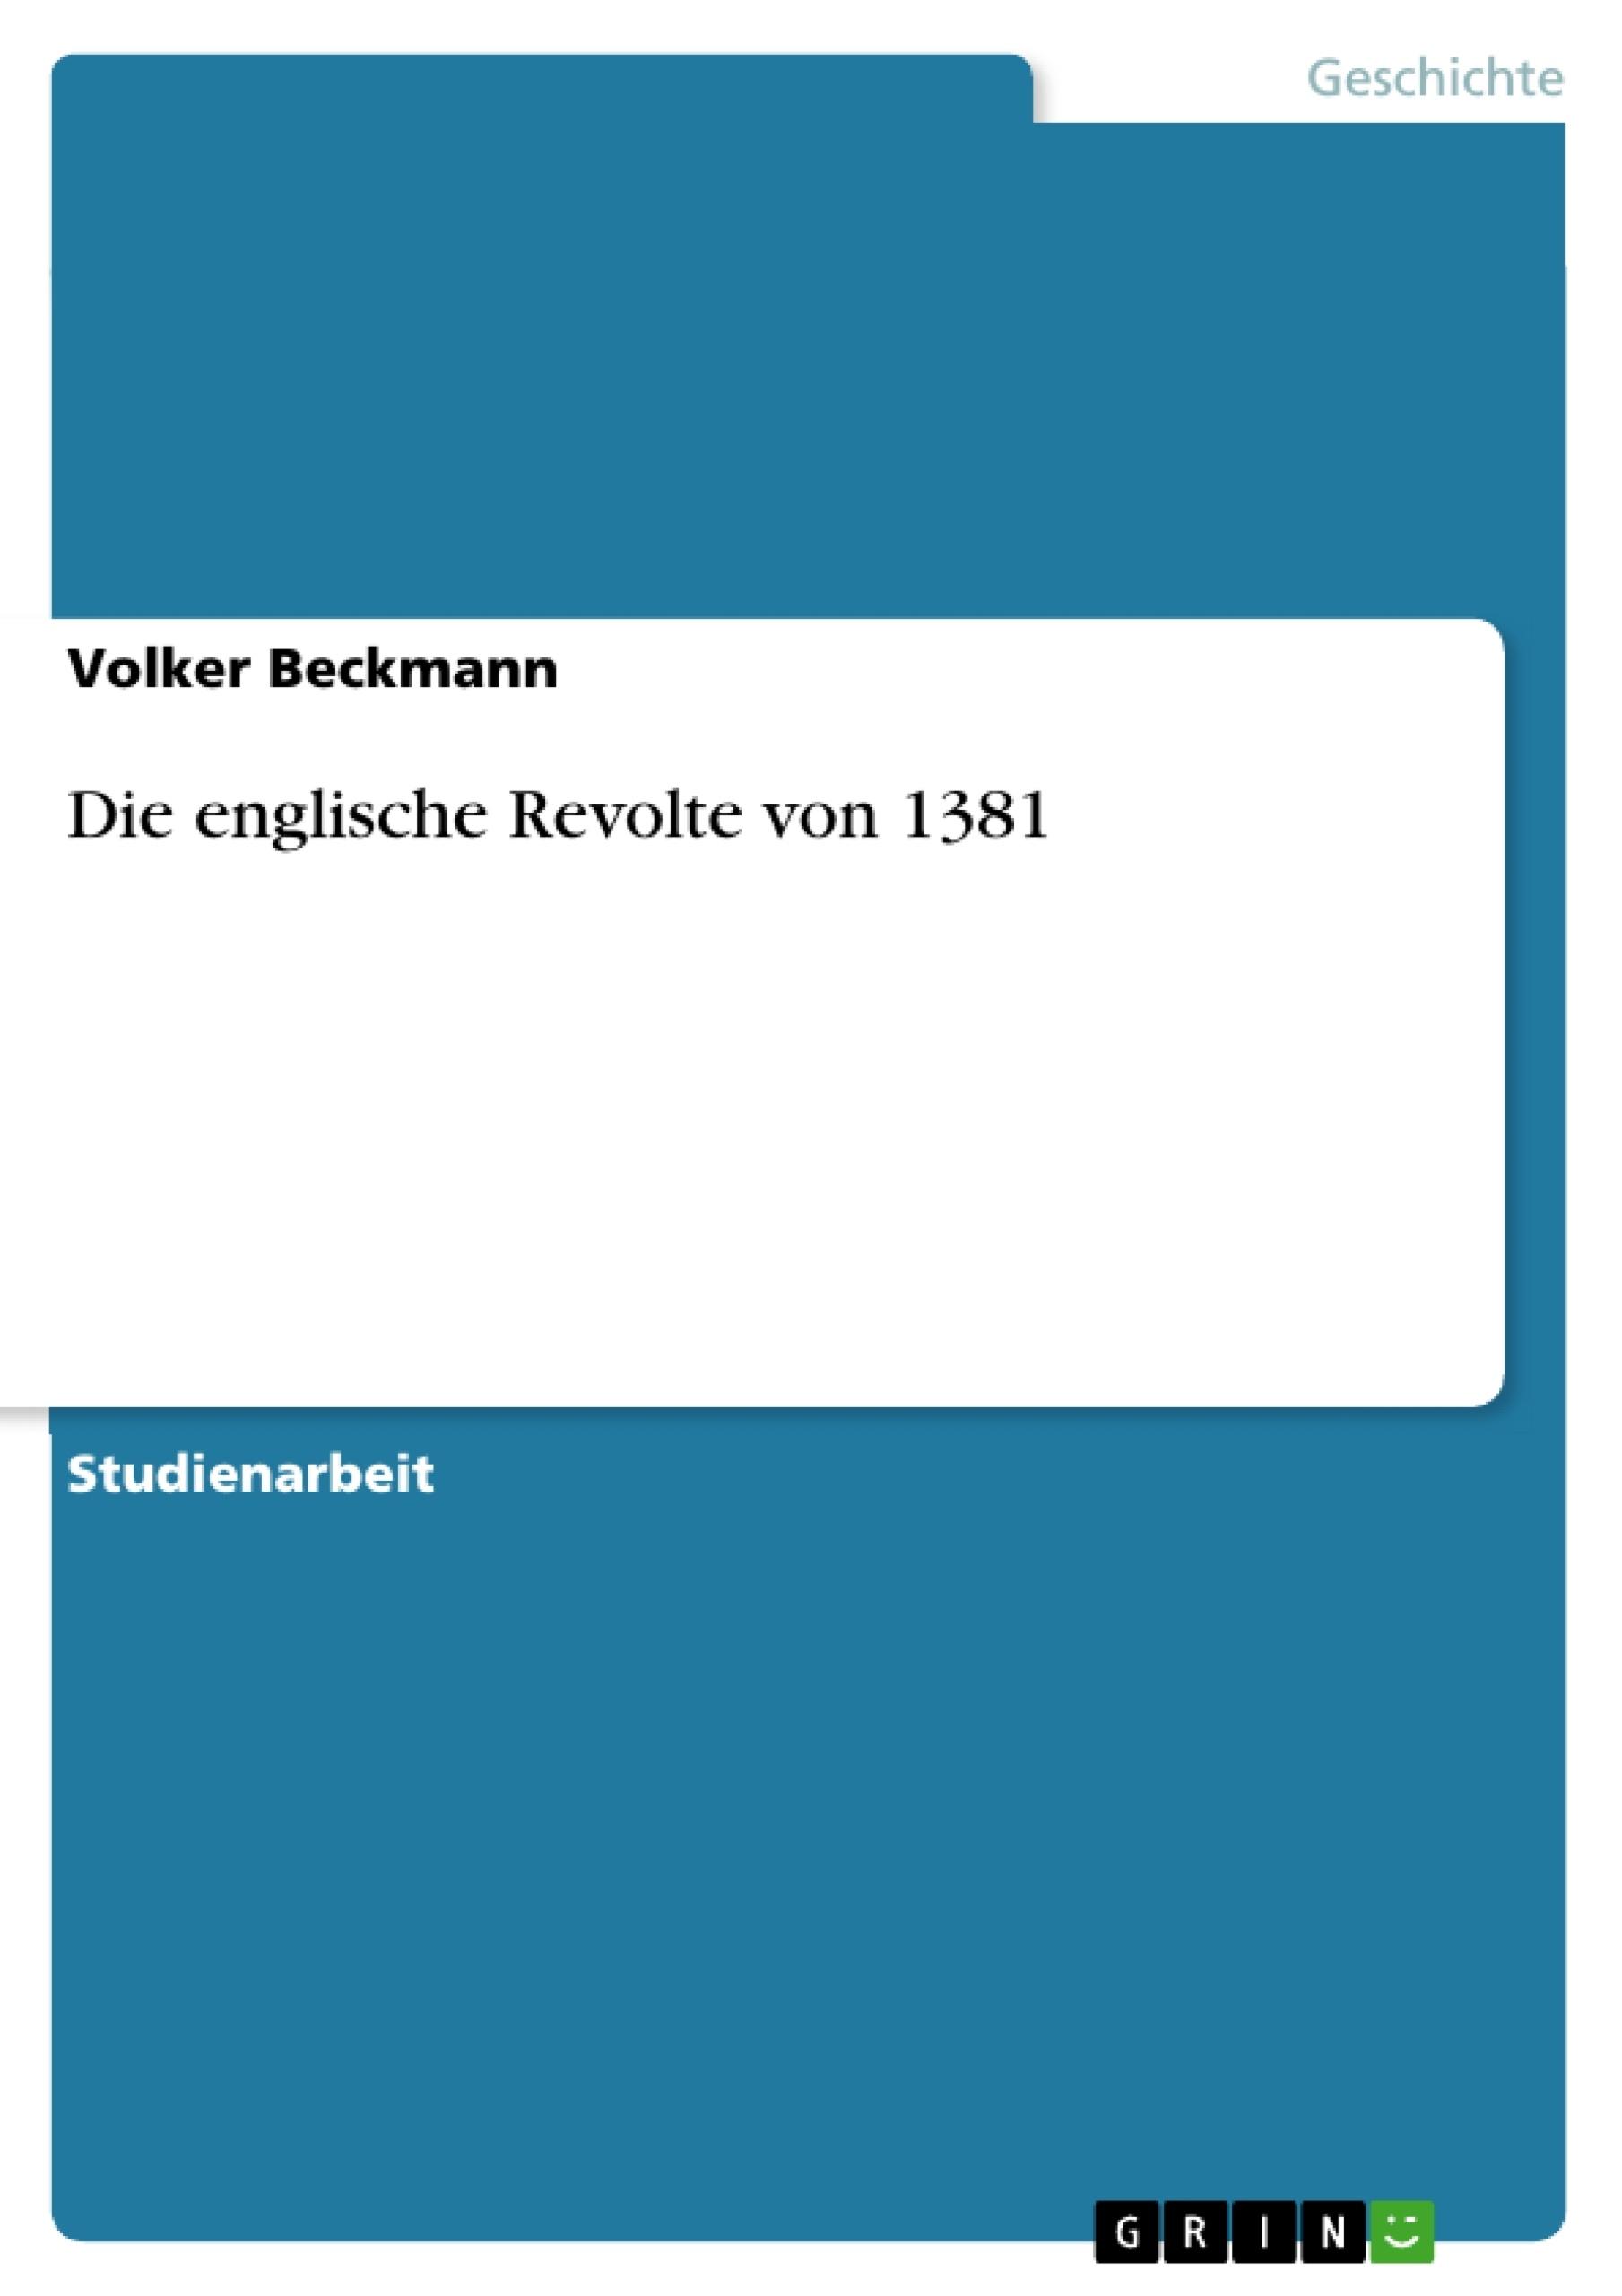 Titel: Die englische Revolte von 1381